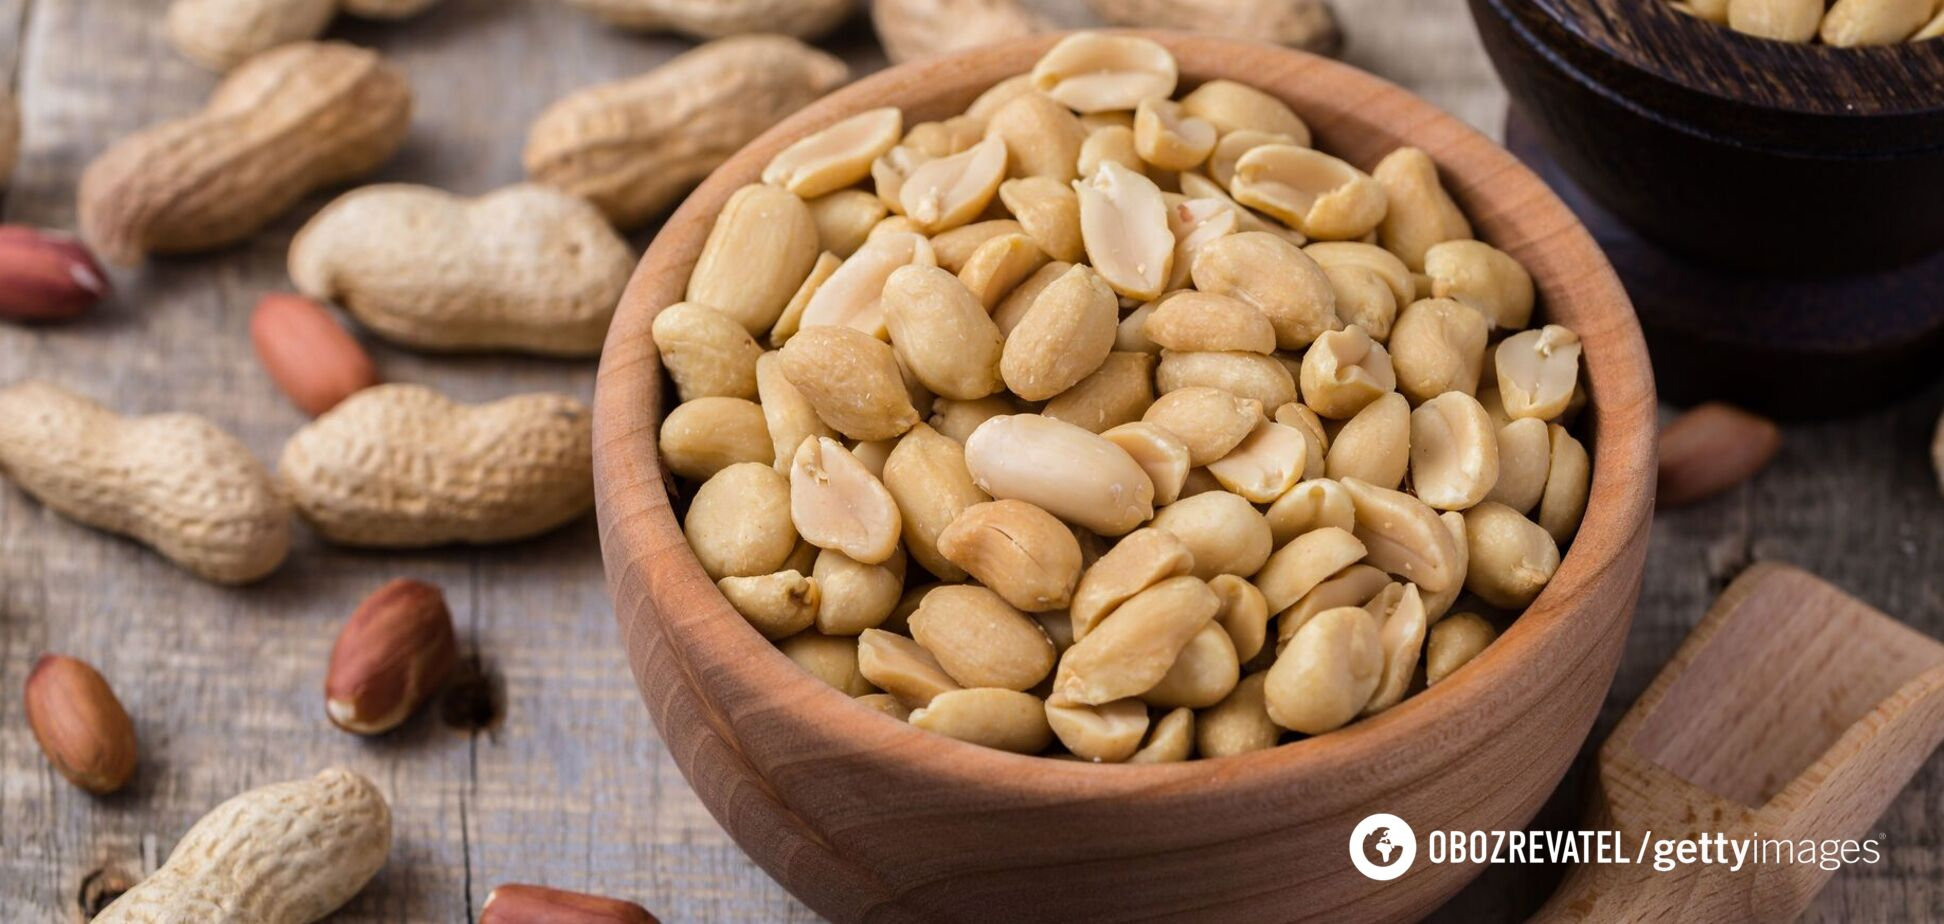 Благодаря магнию арахис способствует укреплению костей